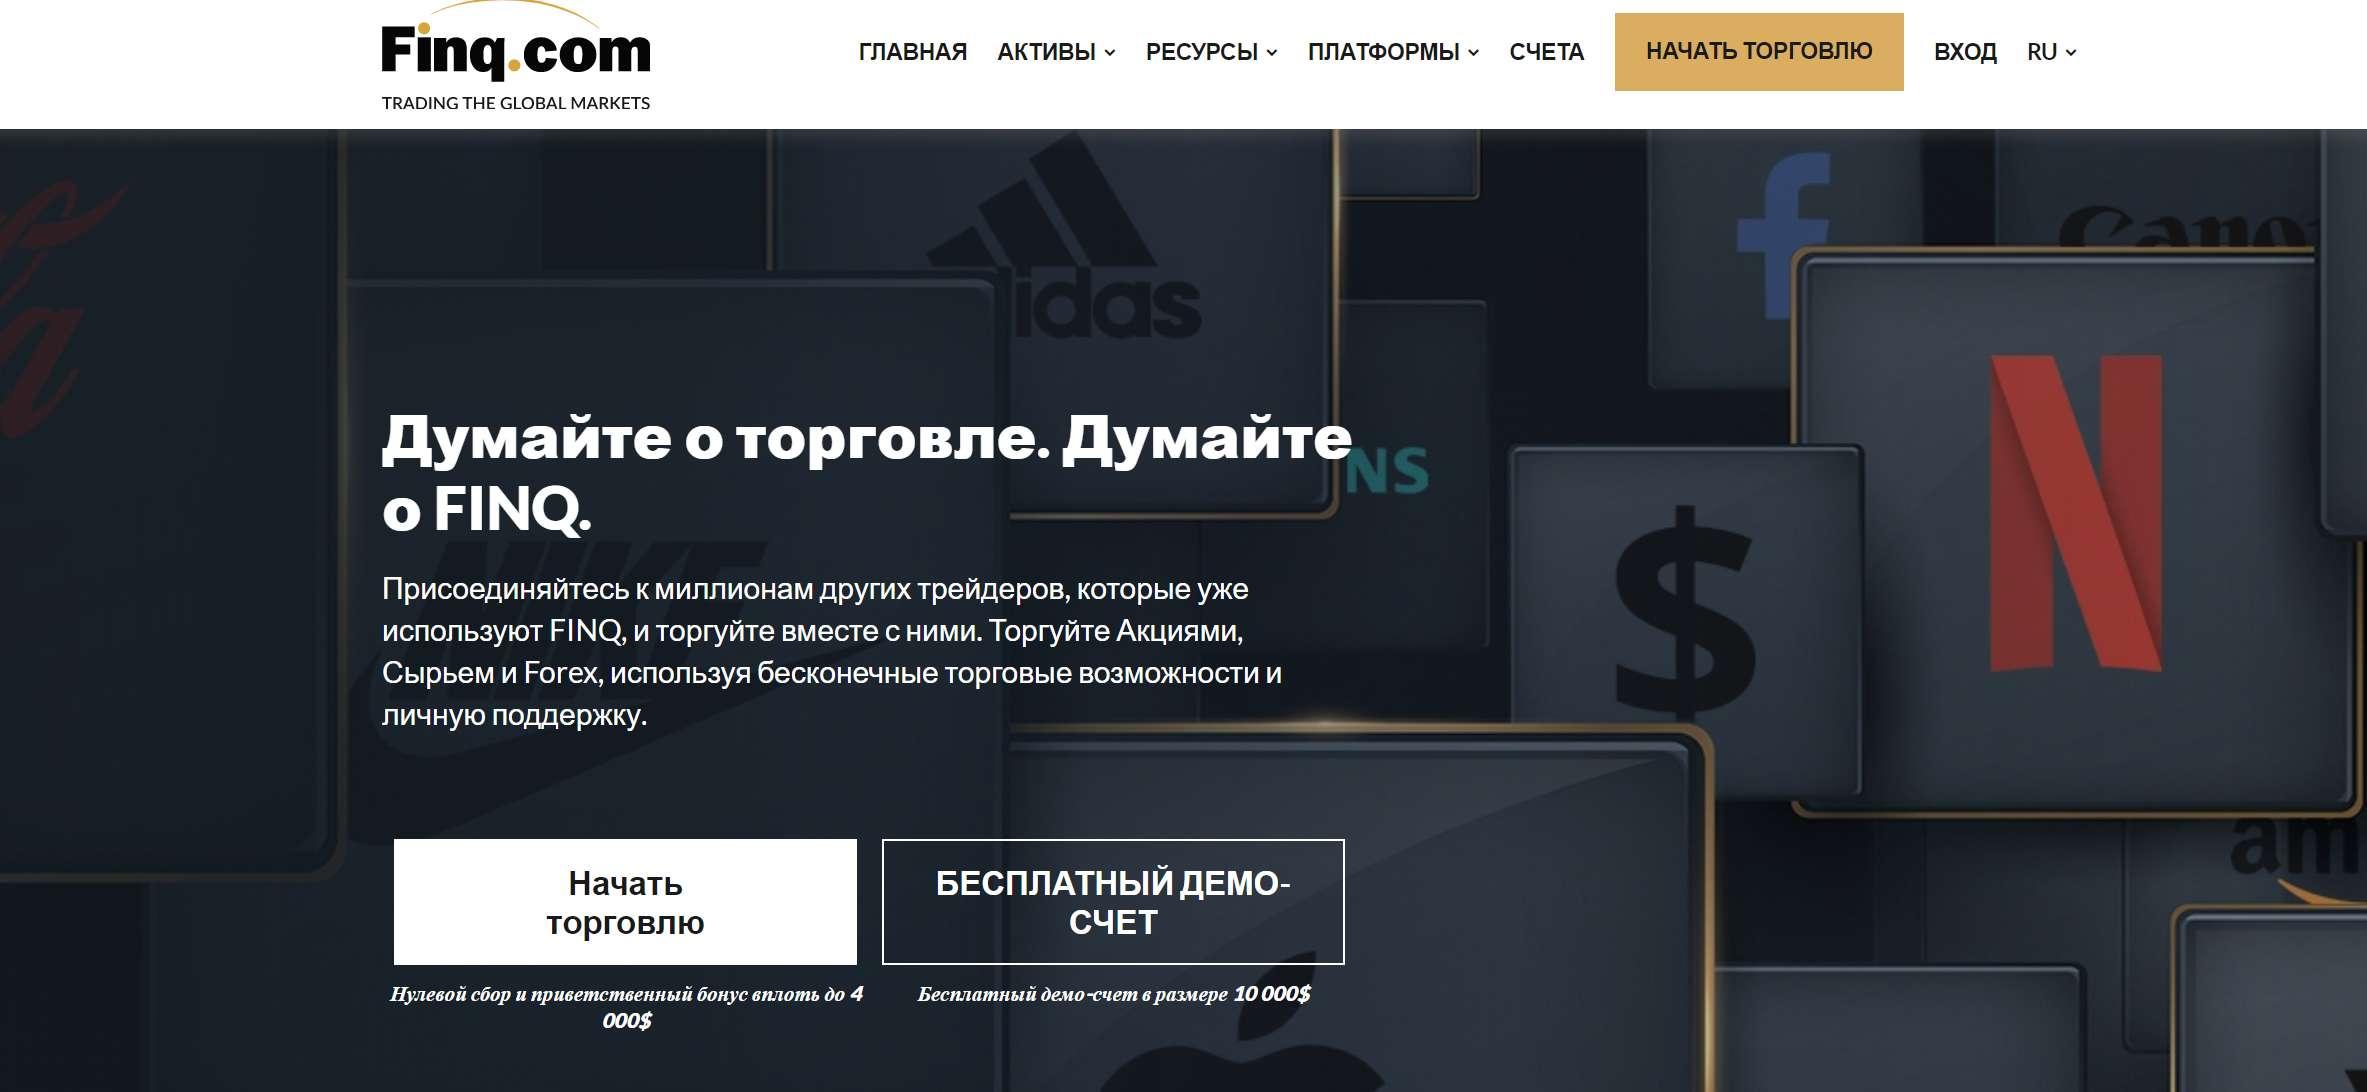 Компания по оказанию брокерских услуг Finq — реальное мнение о брокере обманщике